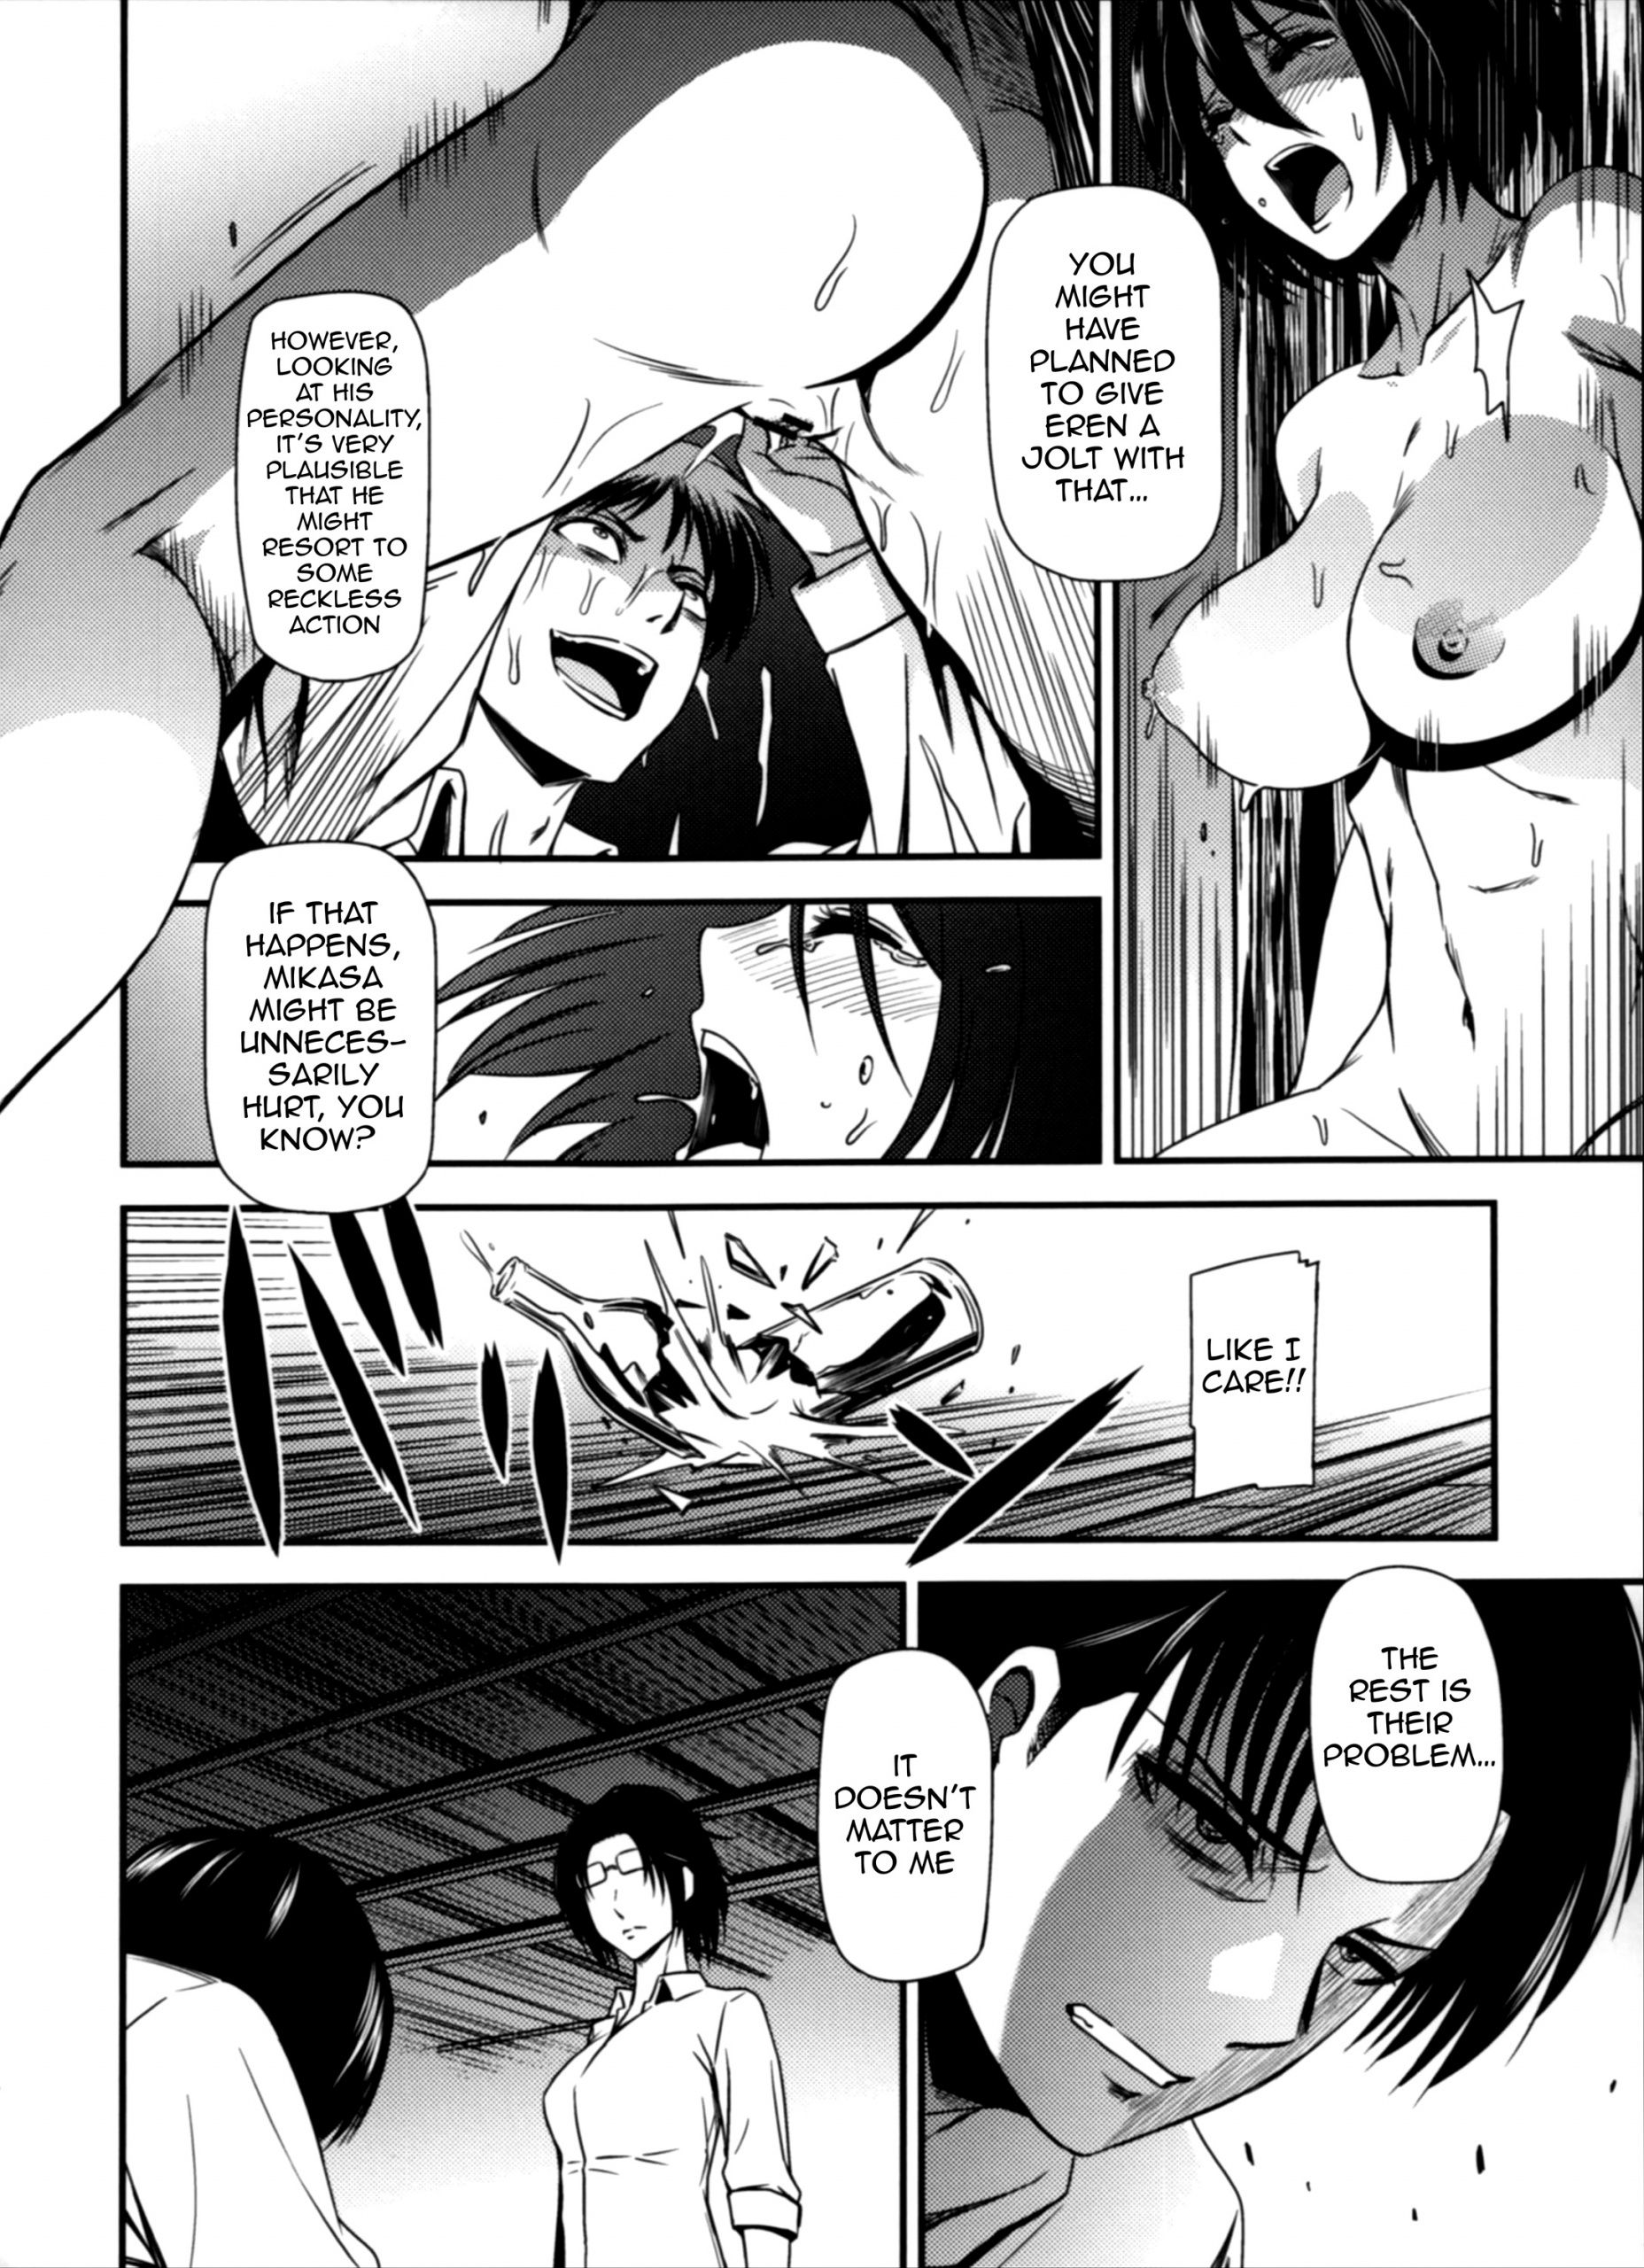 Gekishin yon hentai manga picture 25